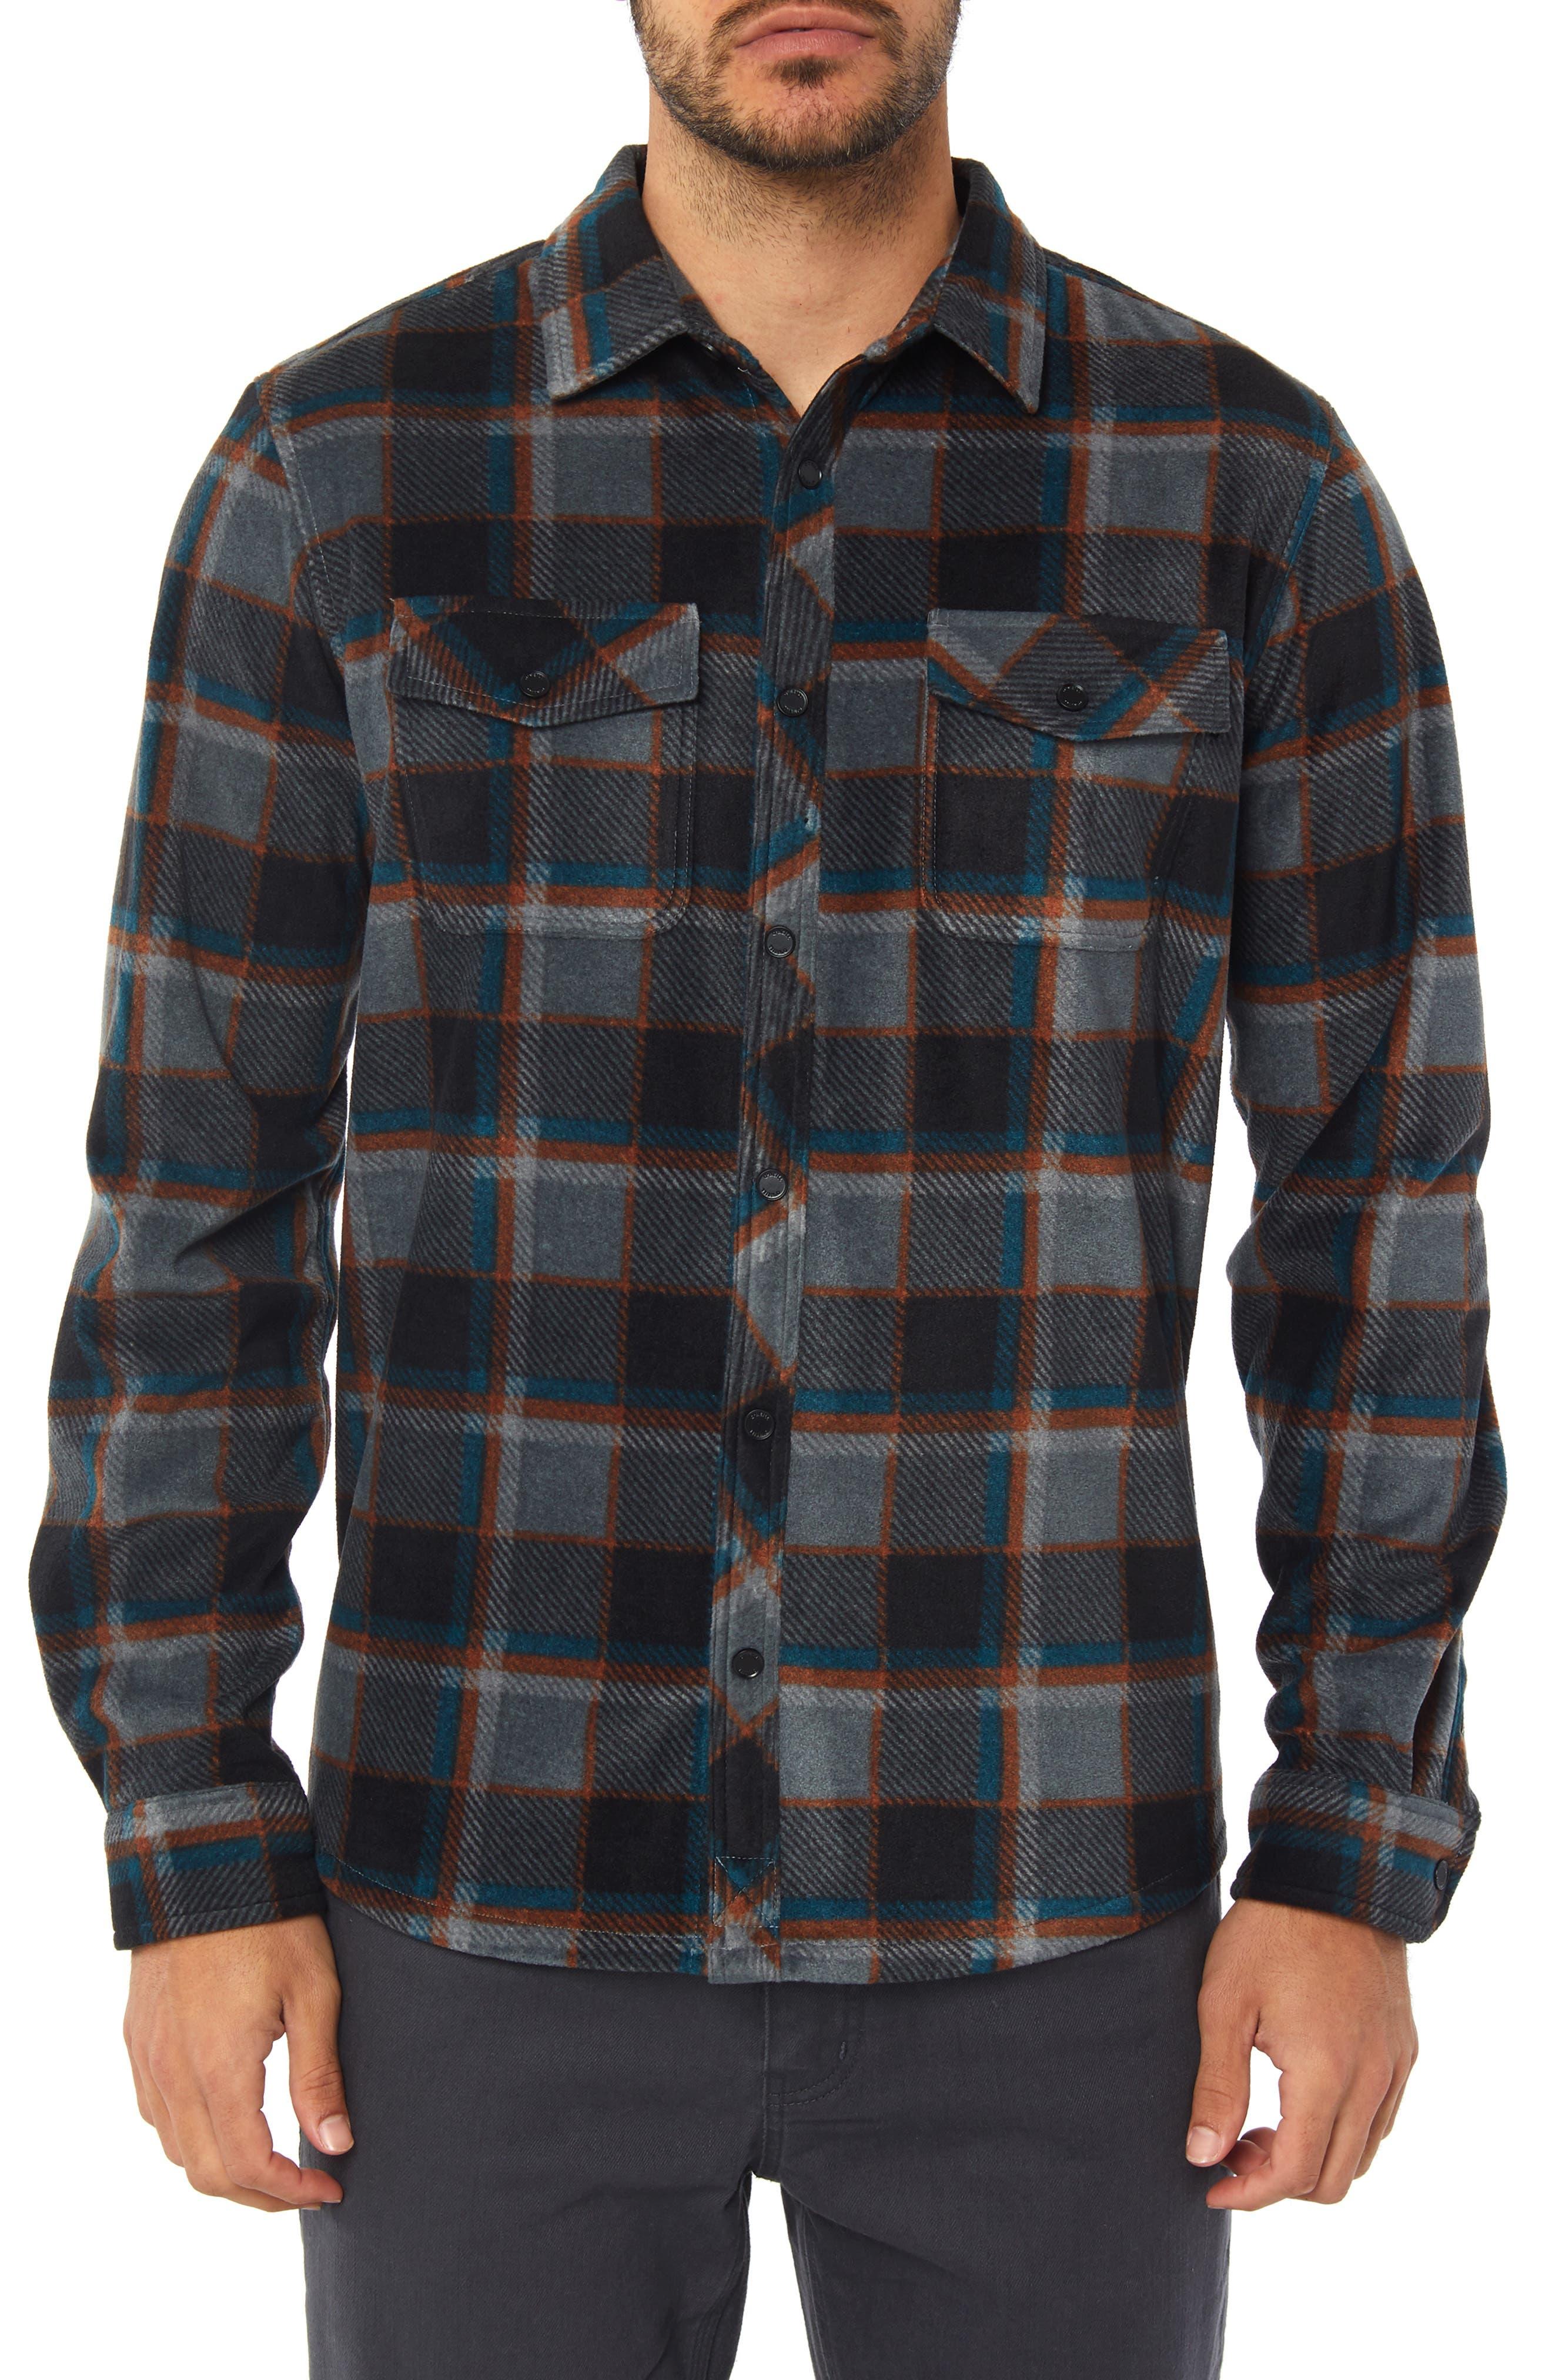 Glacier Crest Shirt,                             Main thumbnail 1, color,                             ASPHALT